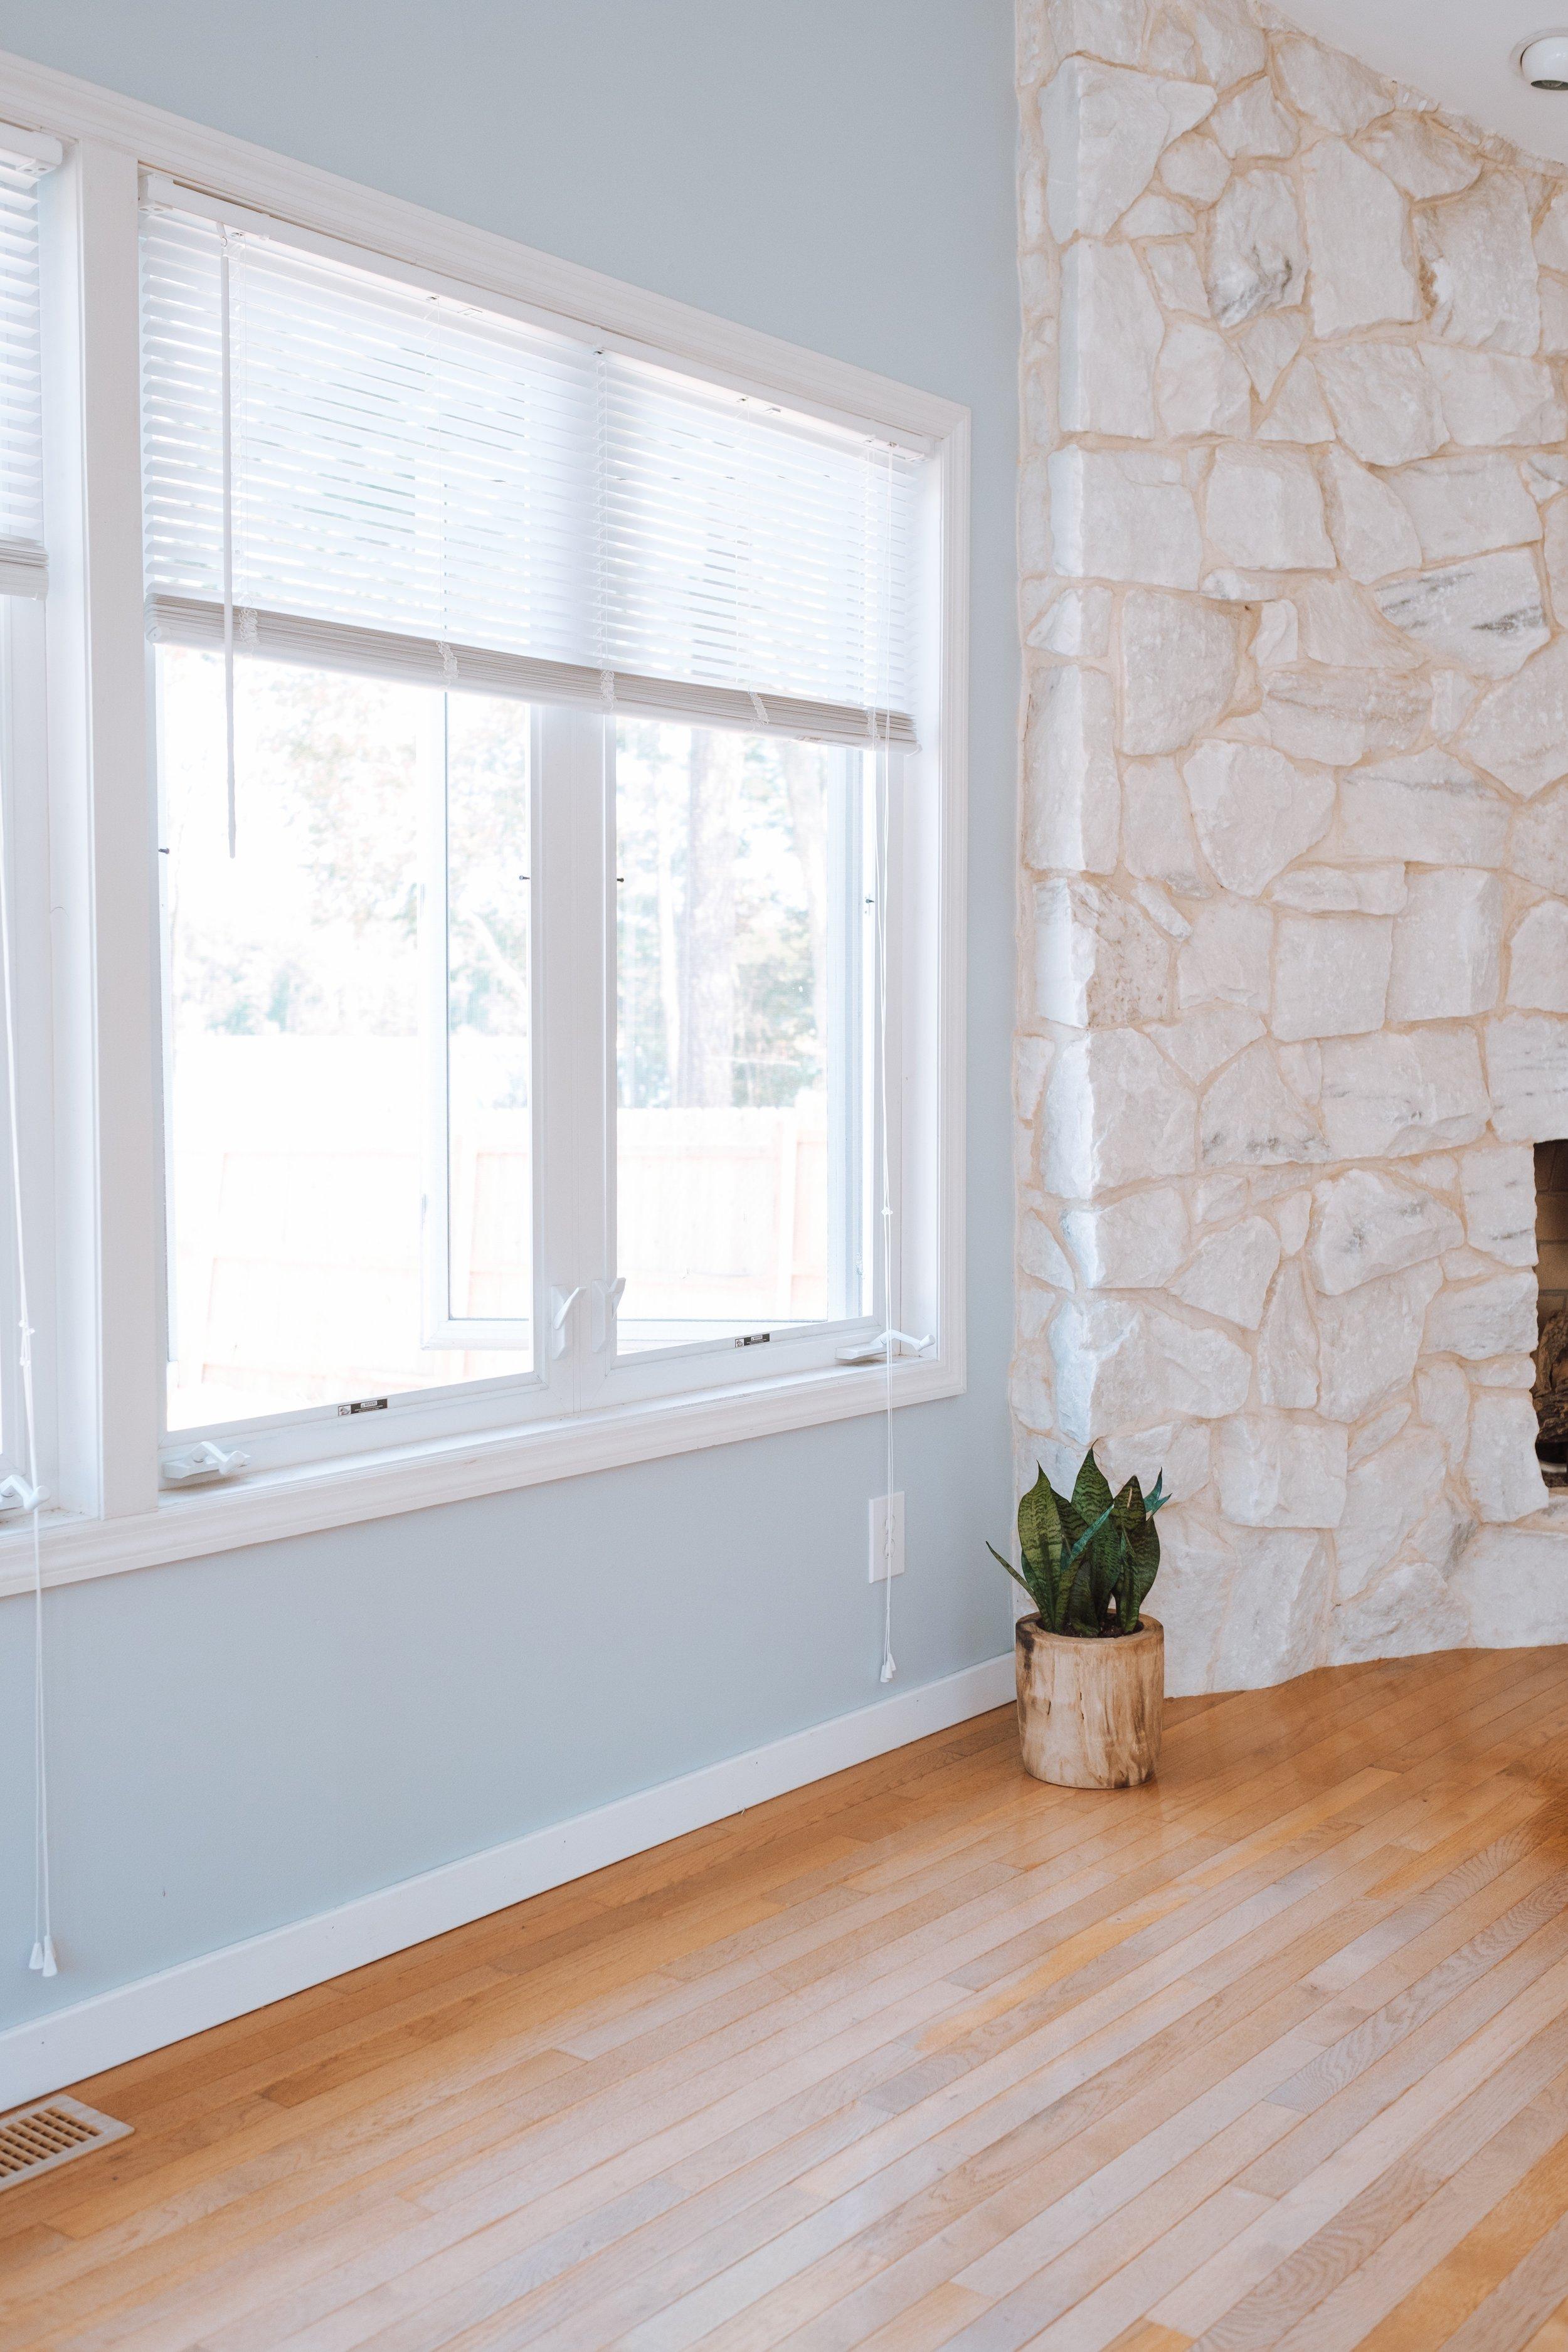 Maple-Grove-window-replacement-contractor.jpg